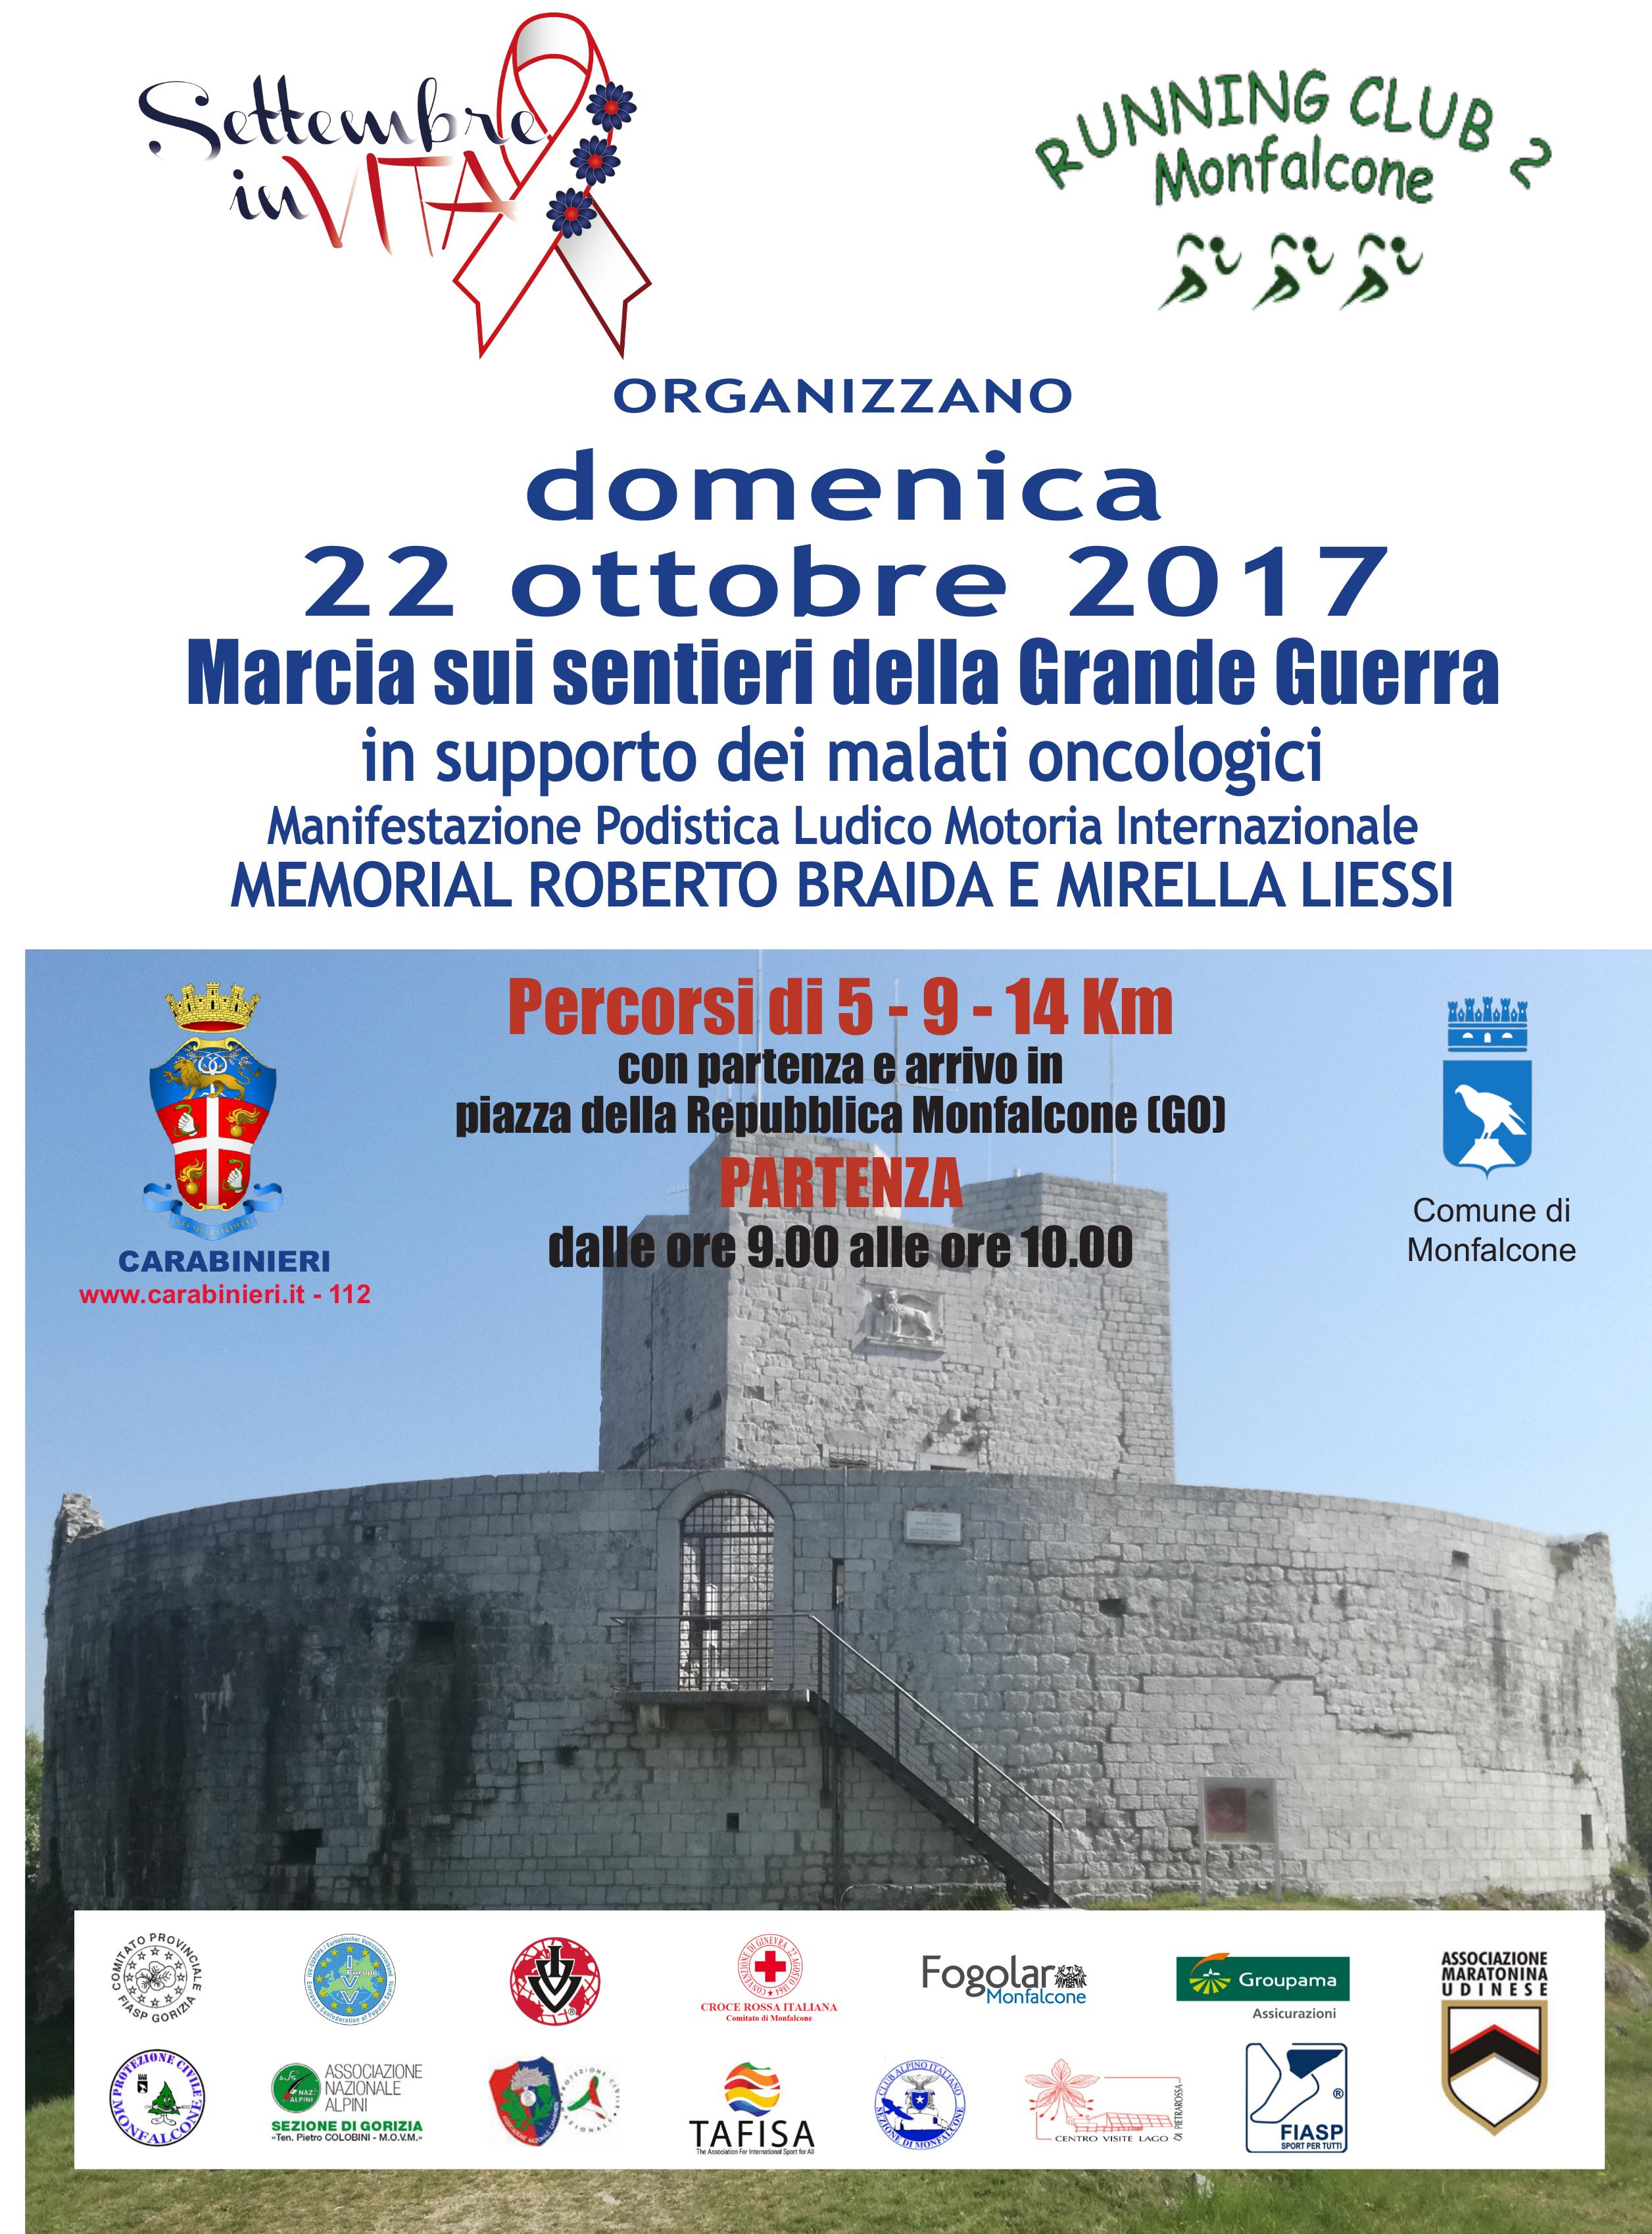 Calendario Fiasp Fvg.Settembre Invita E Running Club Marcia Sui Sentieri Della